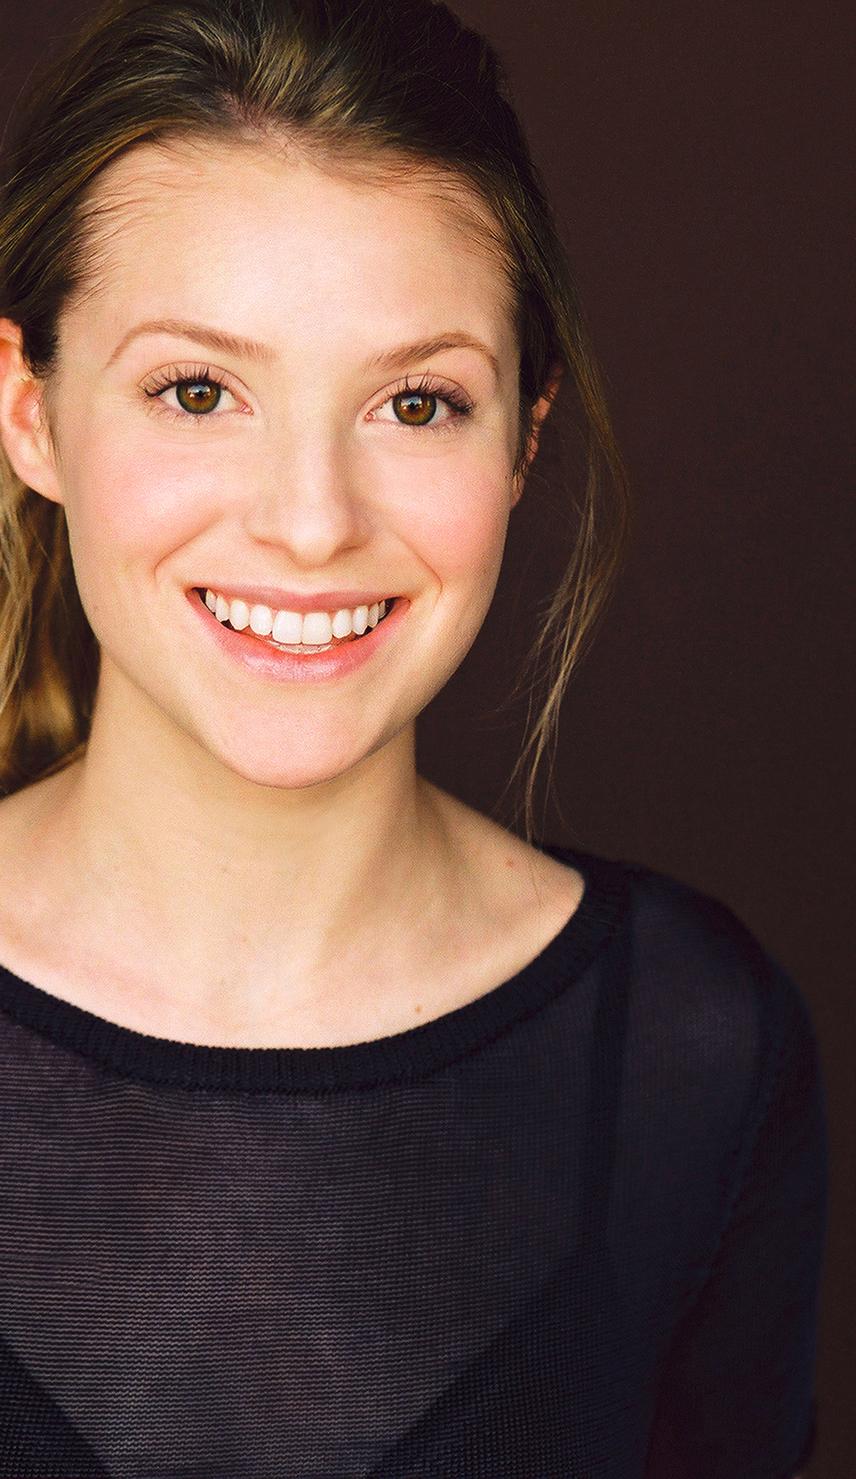 Samantha jayne